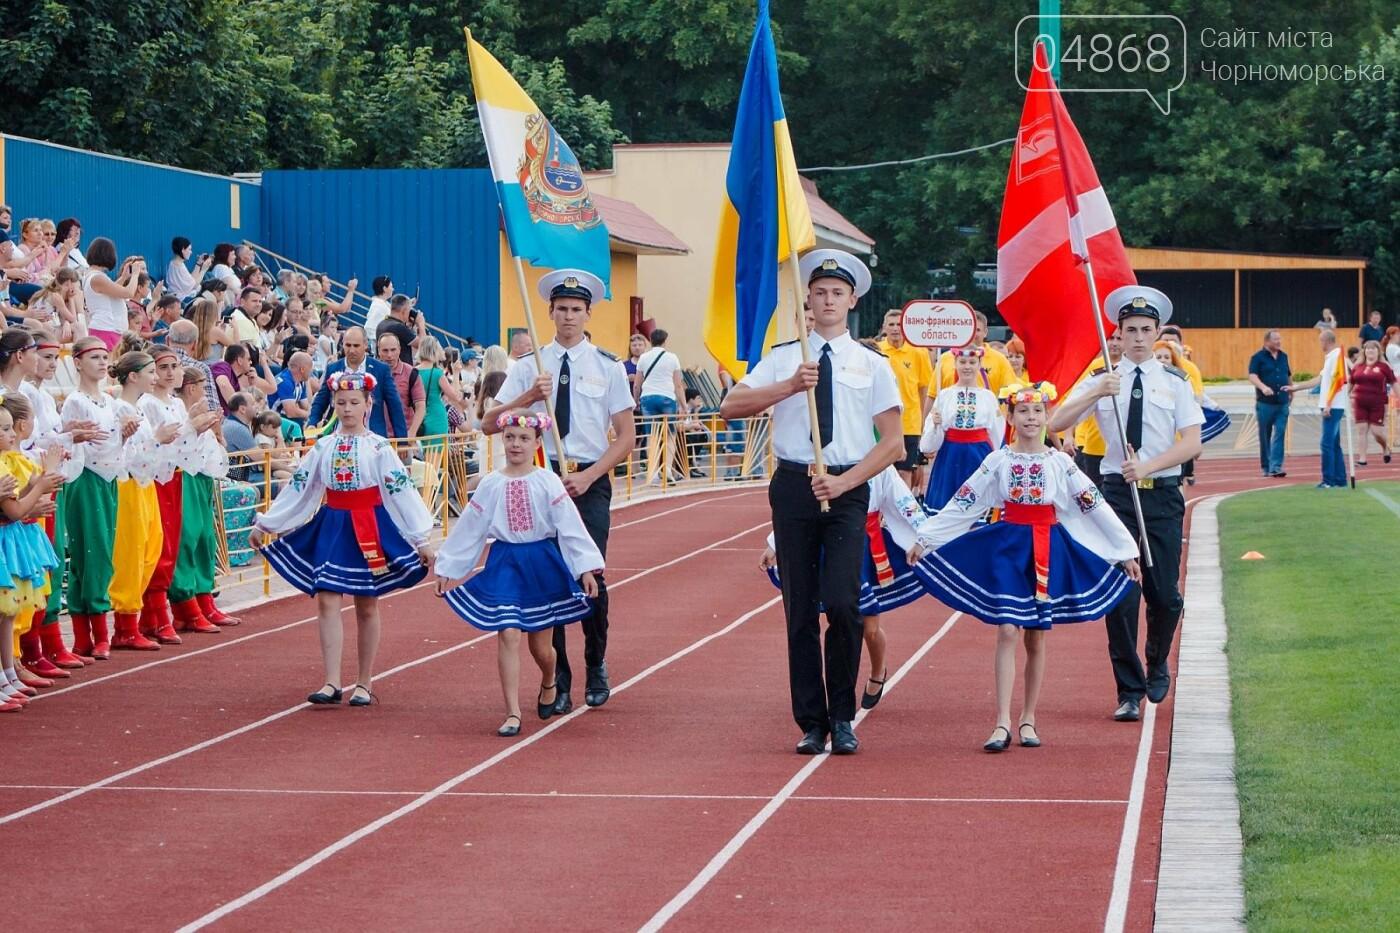 В Черноморске пройдёт финал VII Всеукраинской спартакиады среди депутатов, фото-5